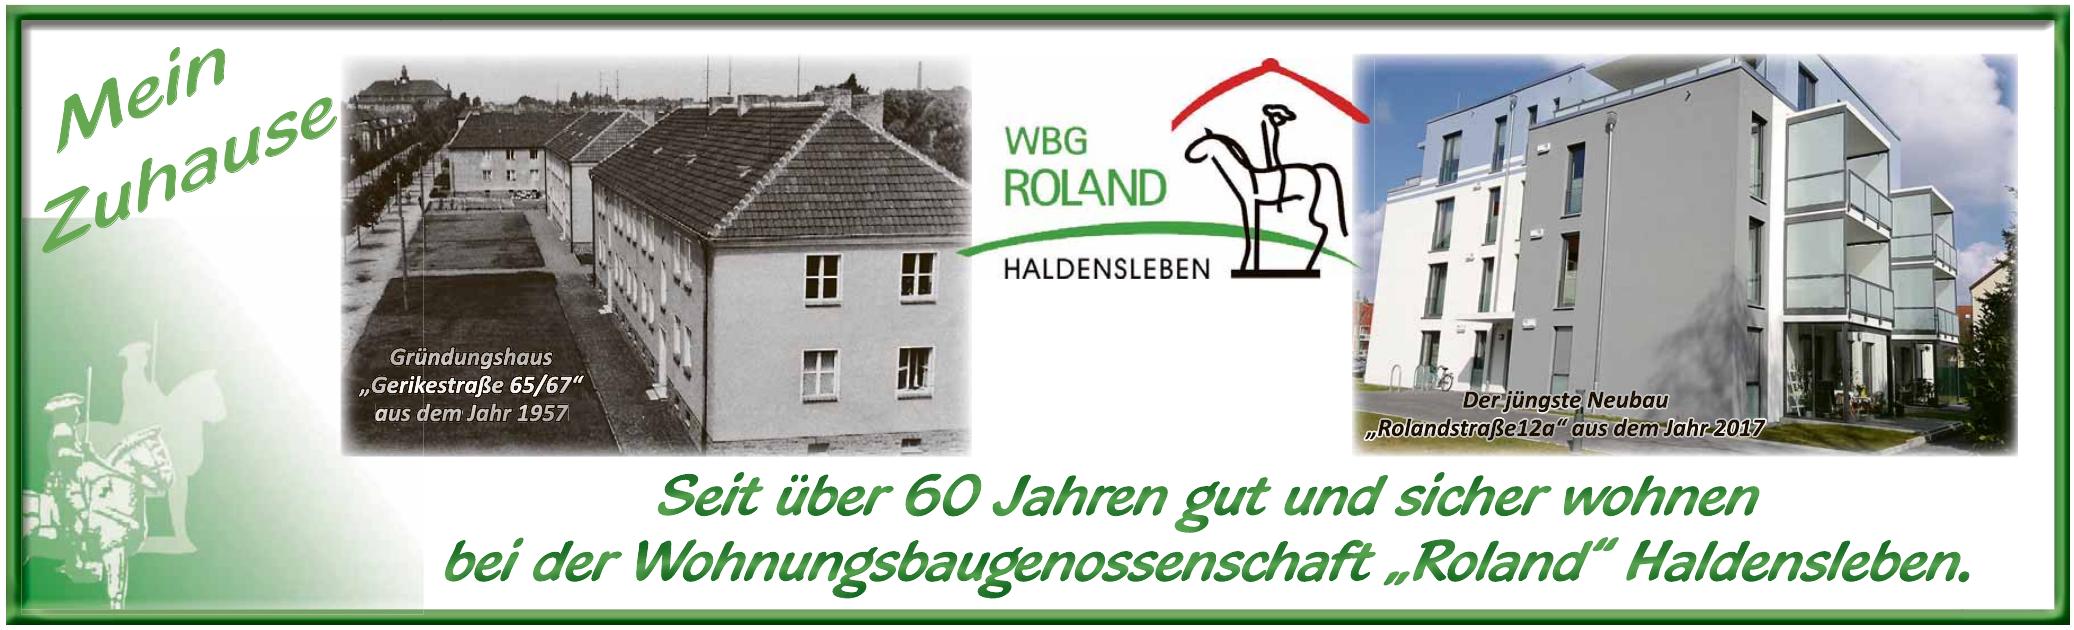 WBG Roland